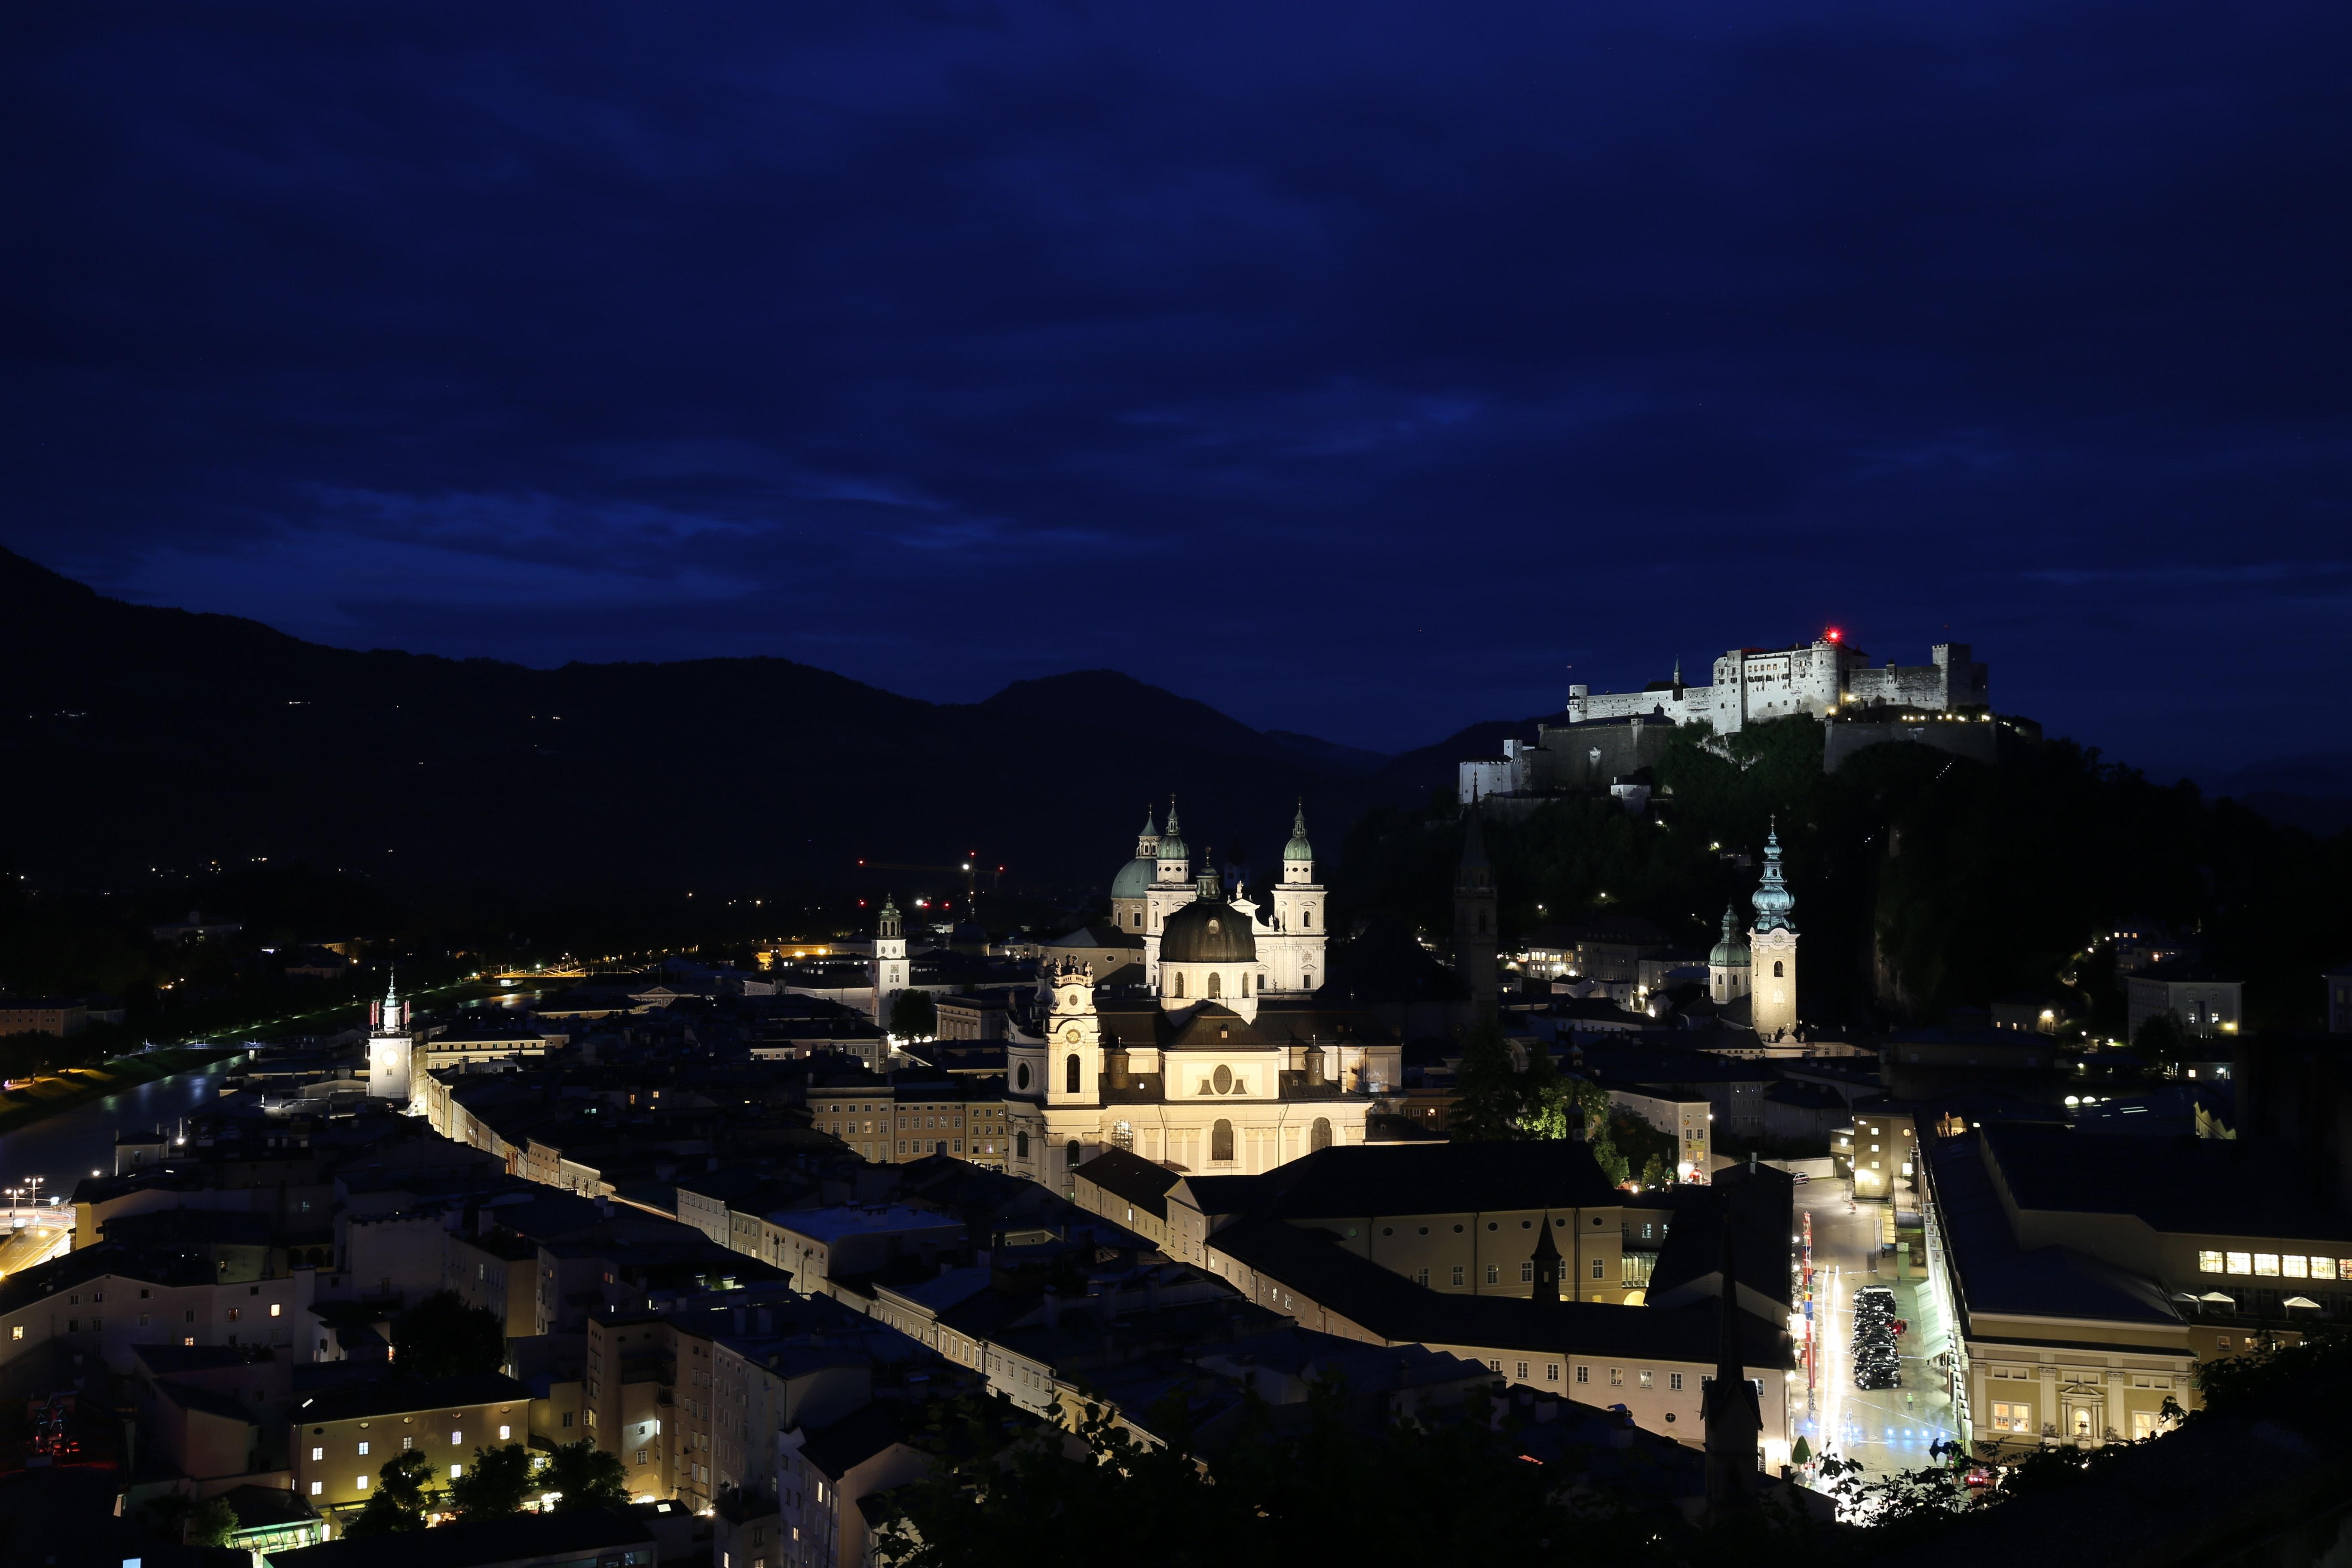 https://www.pexels.com/photo/architecture-austria-buildings-city-417393/